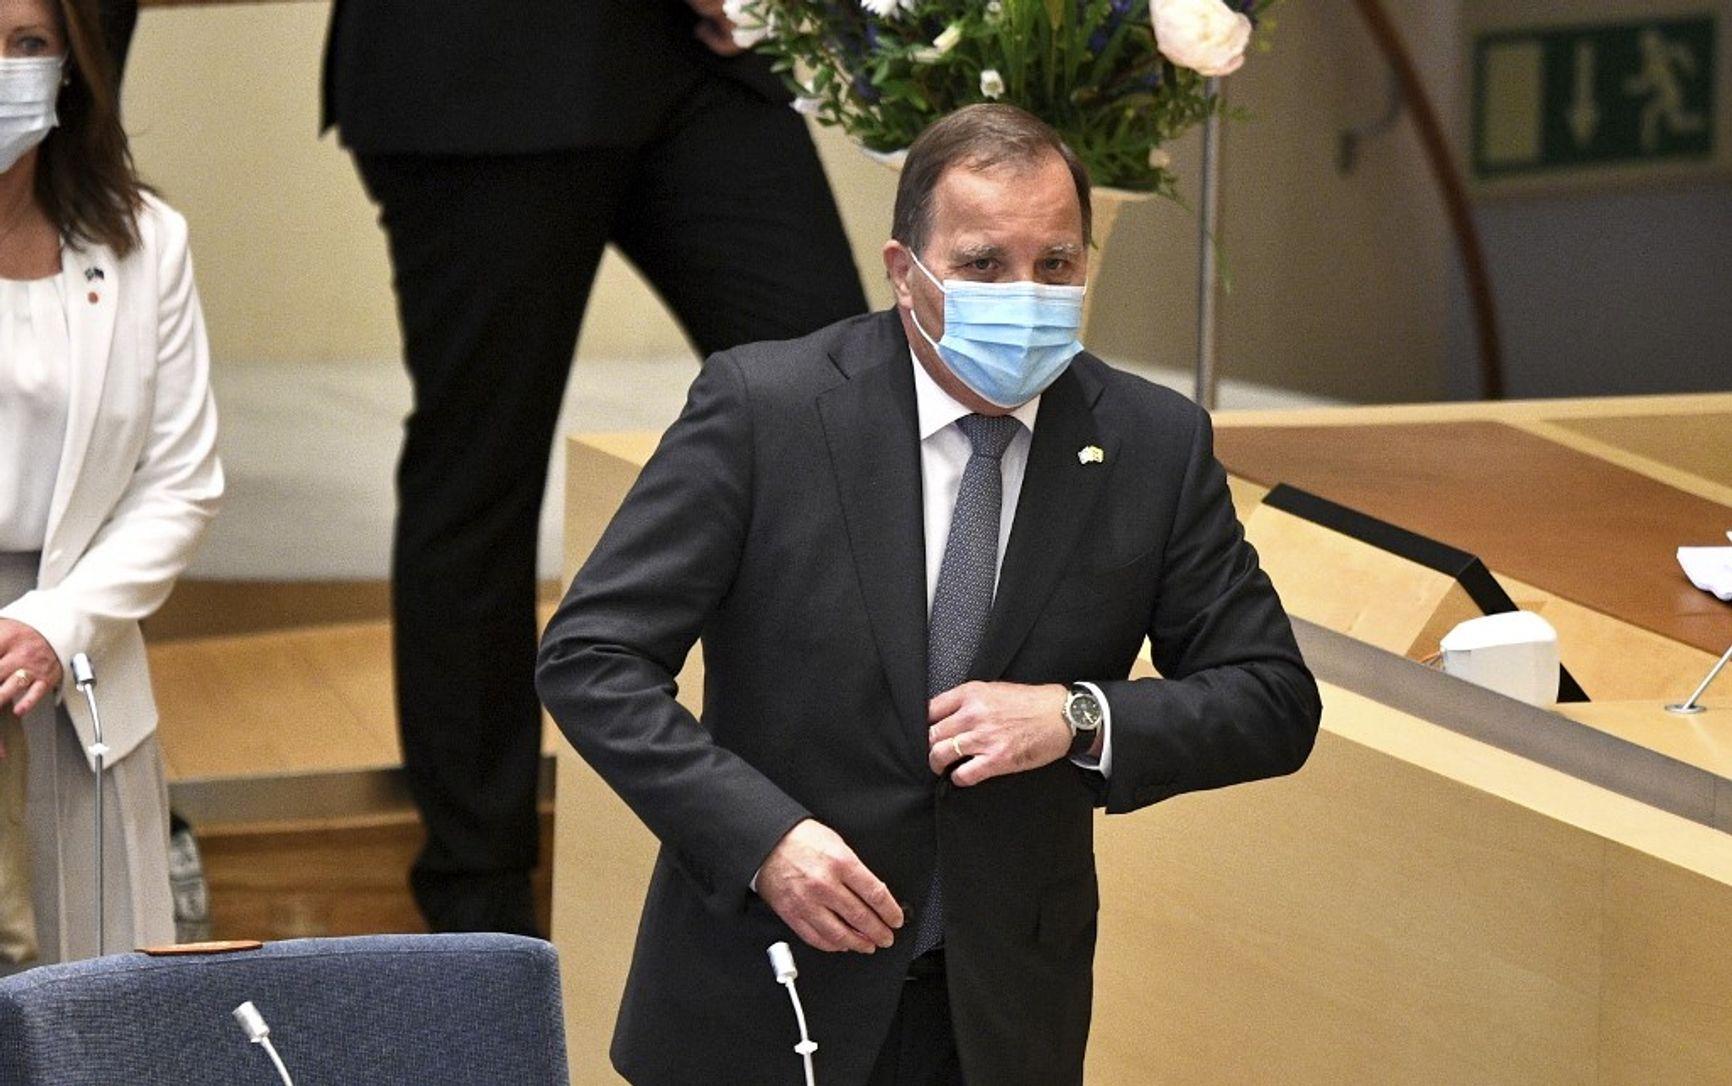 Стефан Лёвен - первый премьер-министр в новейшей истории Швеции, получивший вотум недоверия